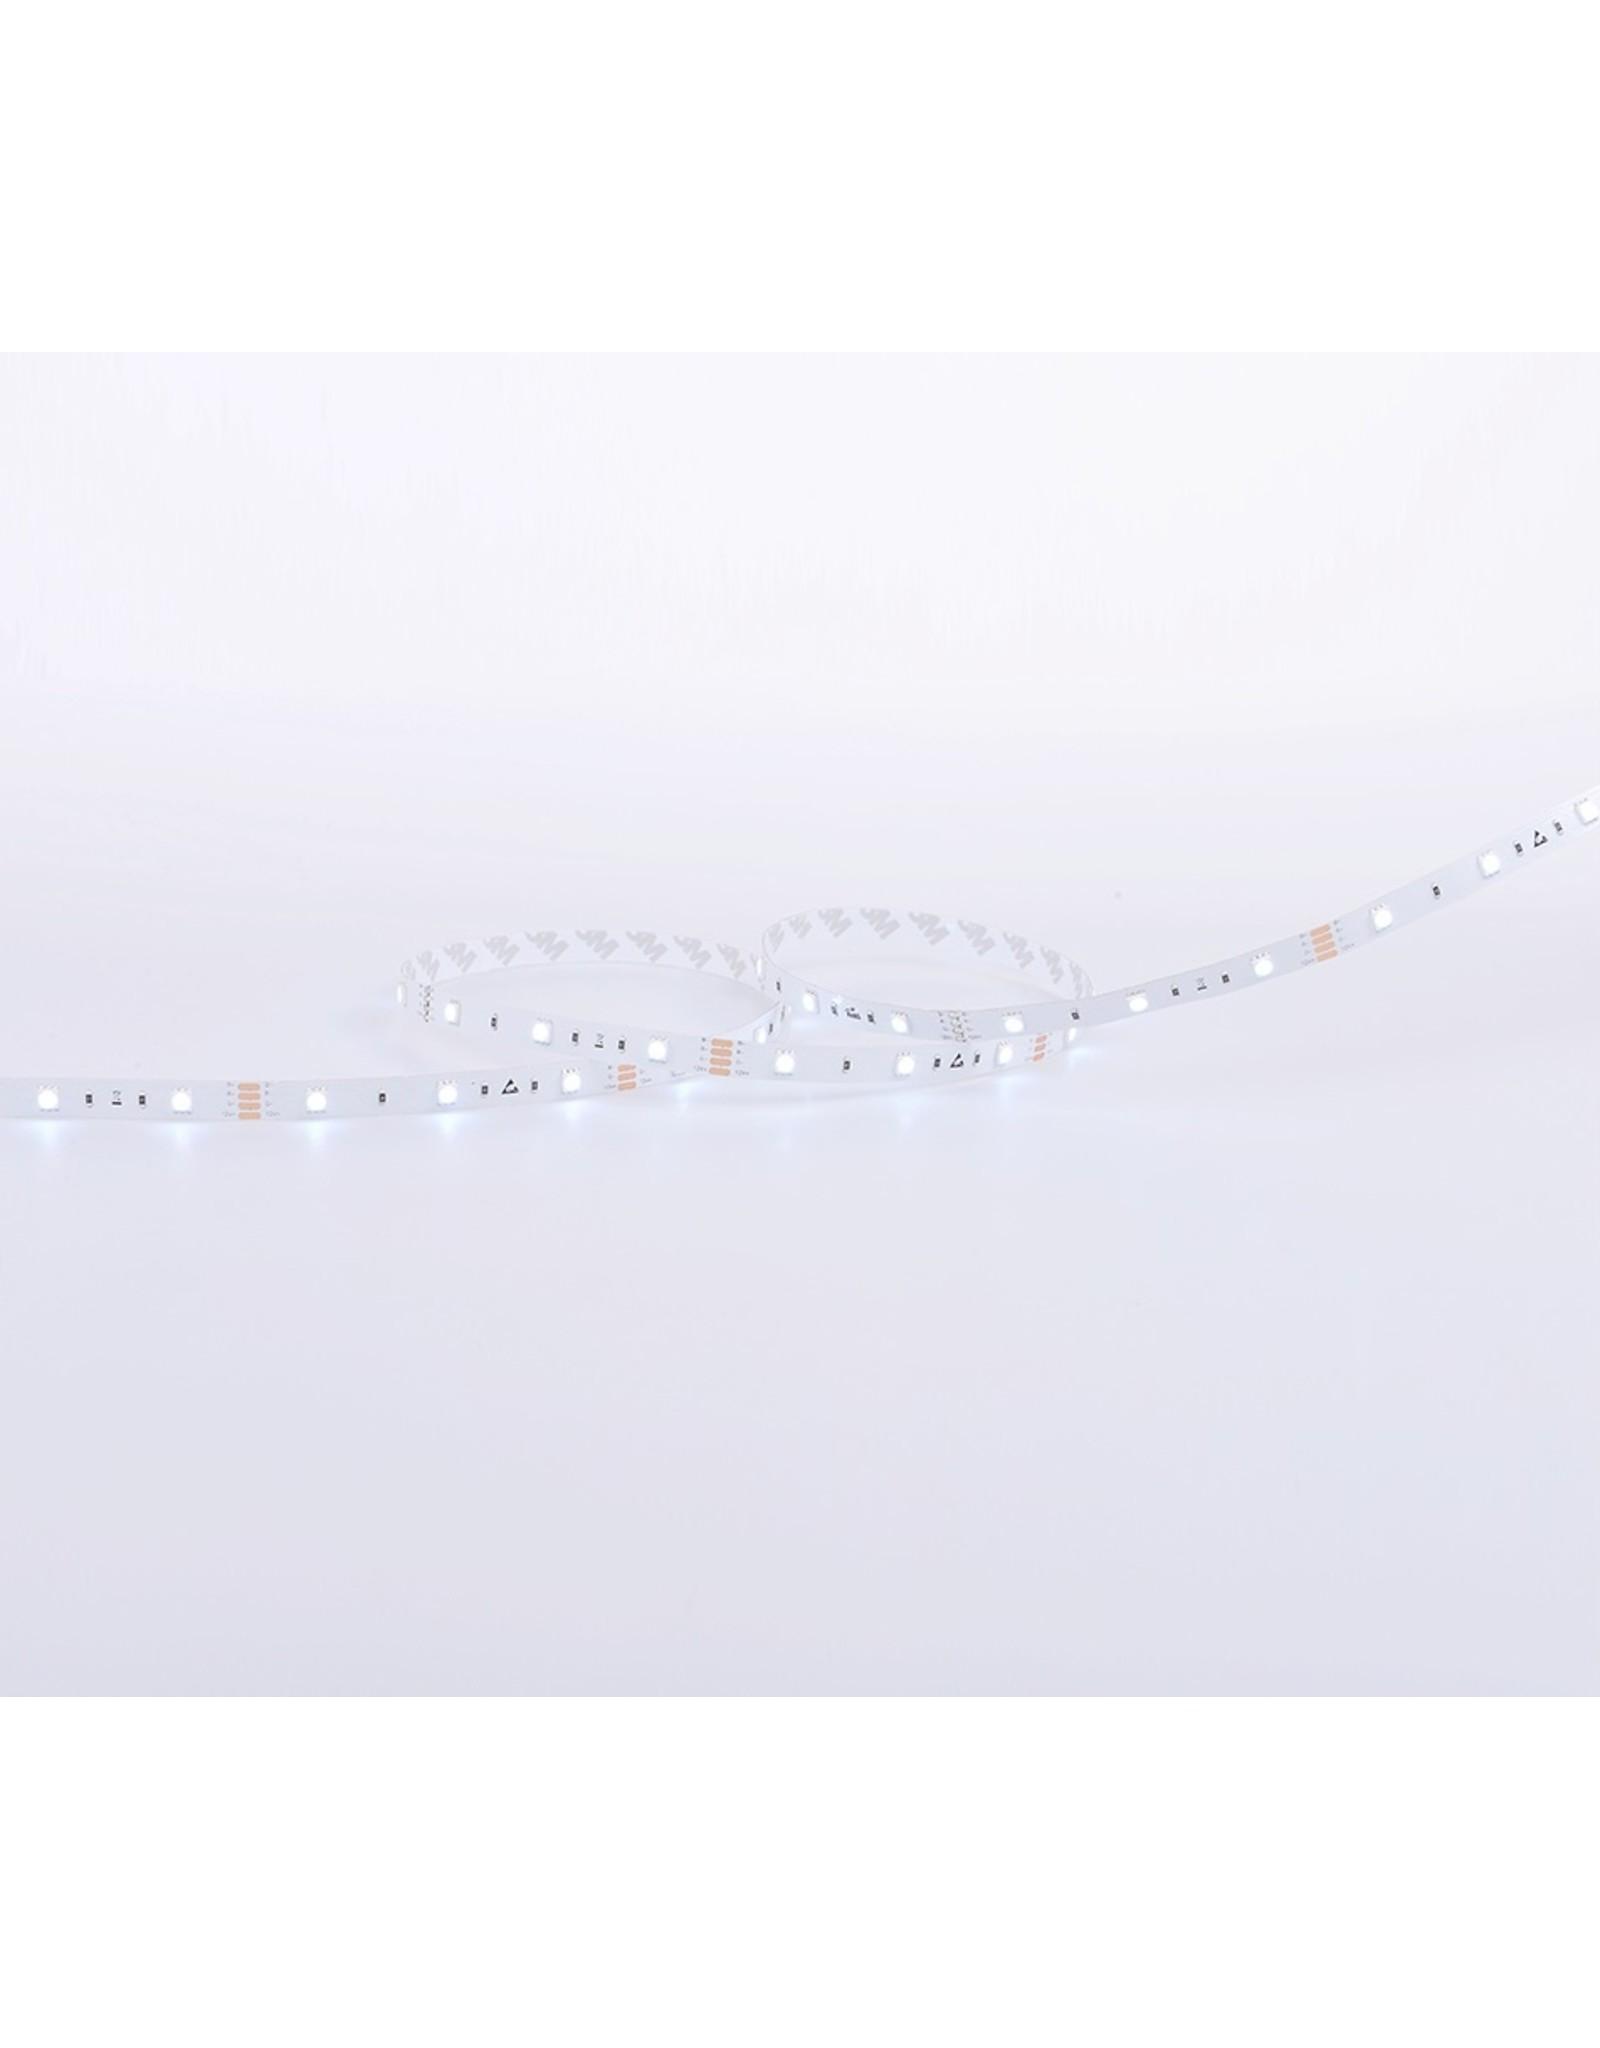 LedLed Varo Led strip RGB 24V 7,2W/m 10mm (5 meter)